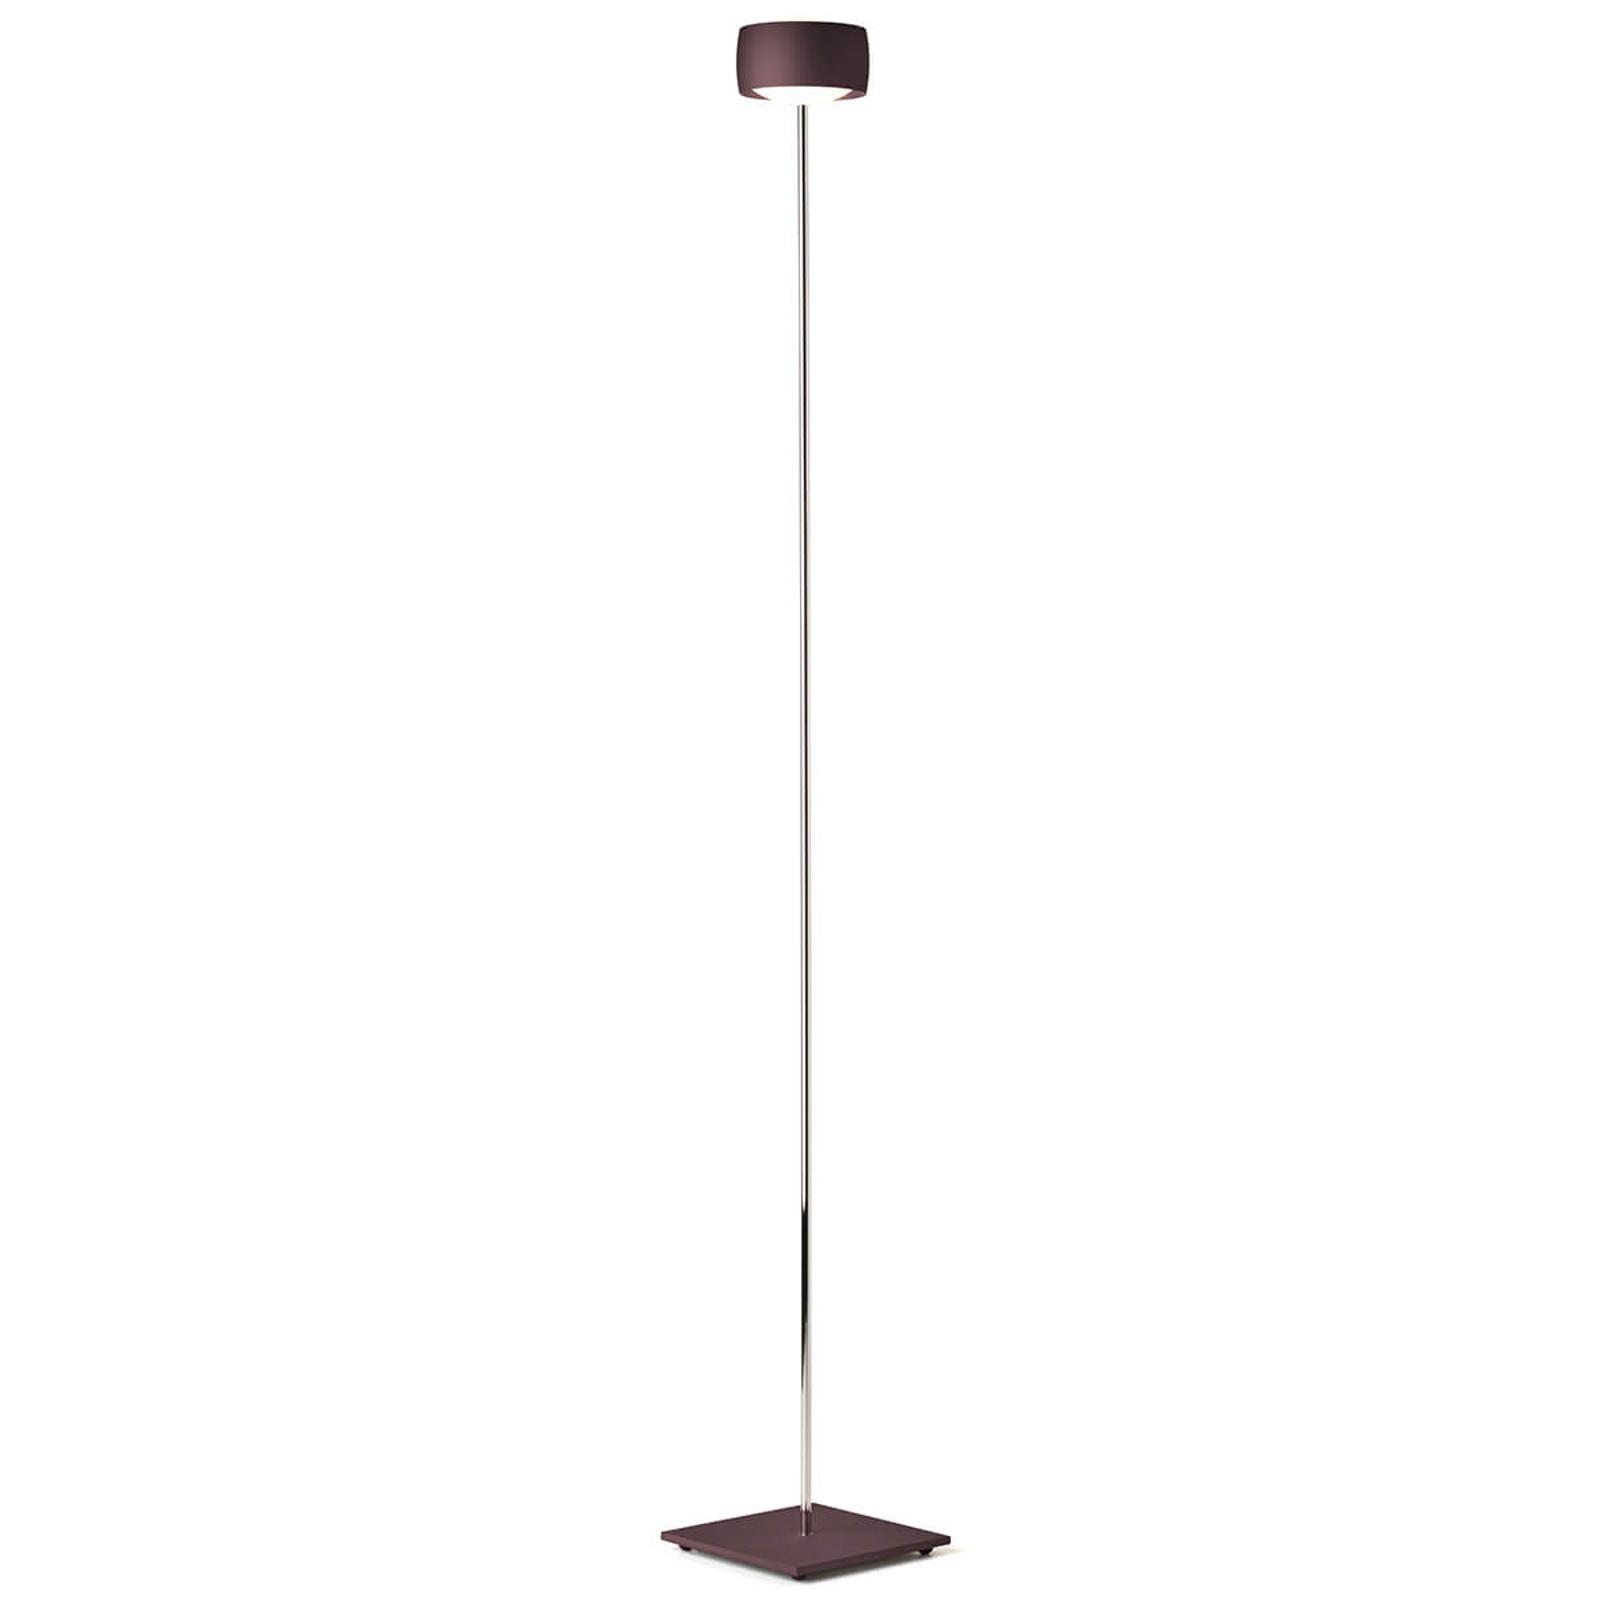 LED gulvlampe Grace med bevægelseskontrol espresso